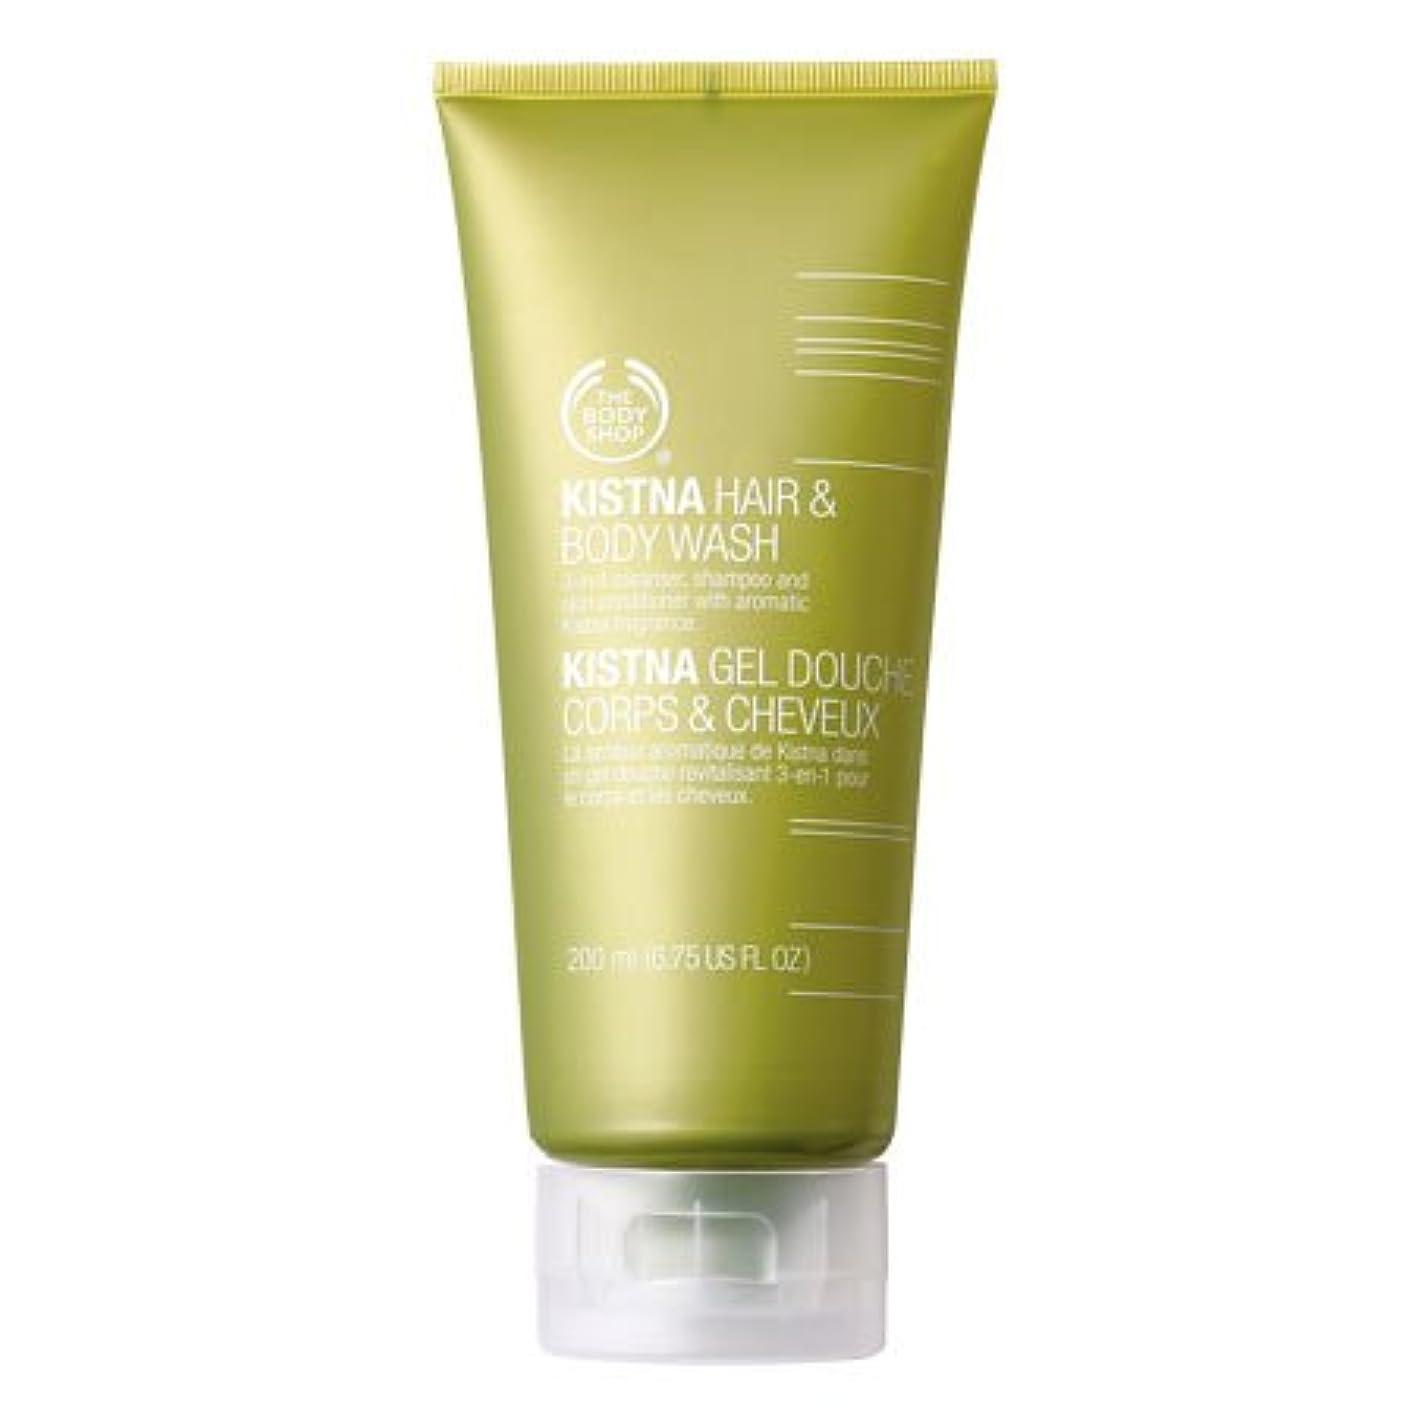 シンポジウムただやる余剰The Body Shop Kistna Hair & Body Wash - 6.75 Fl oz(200ml)